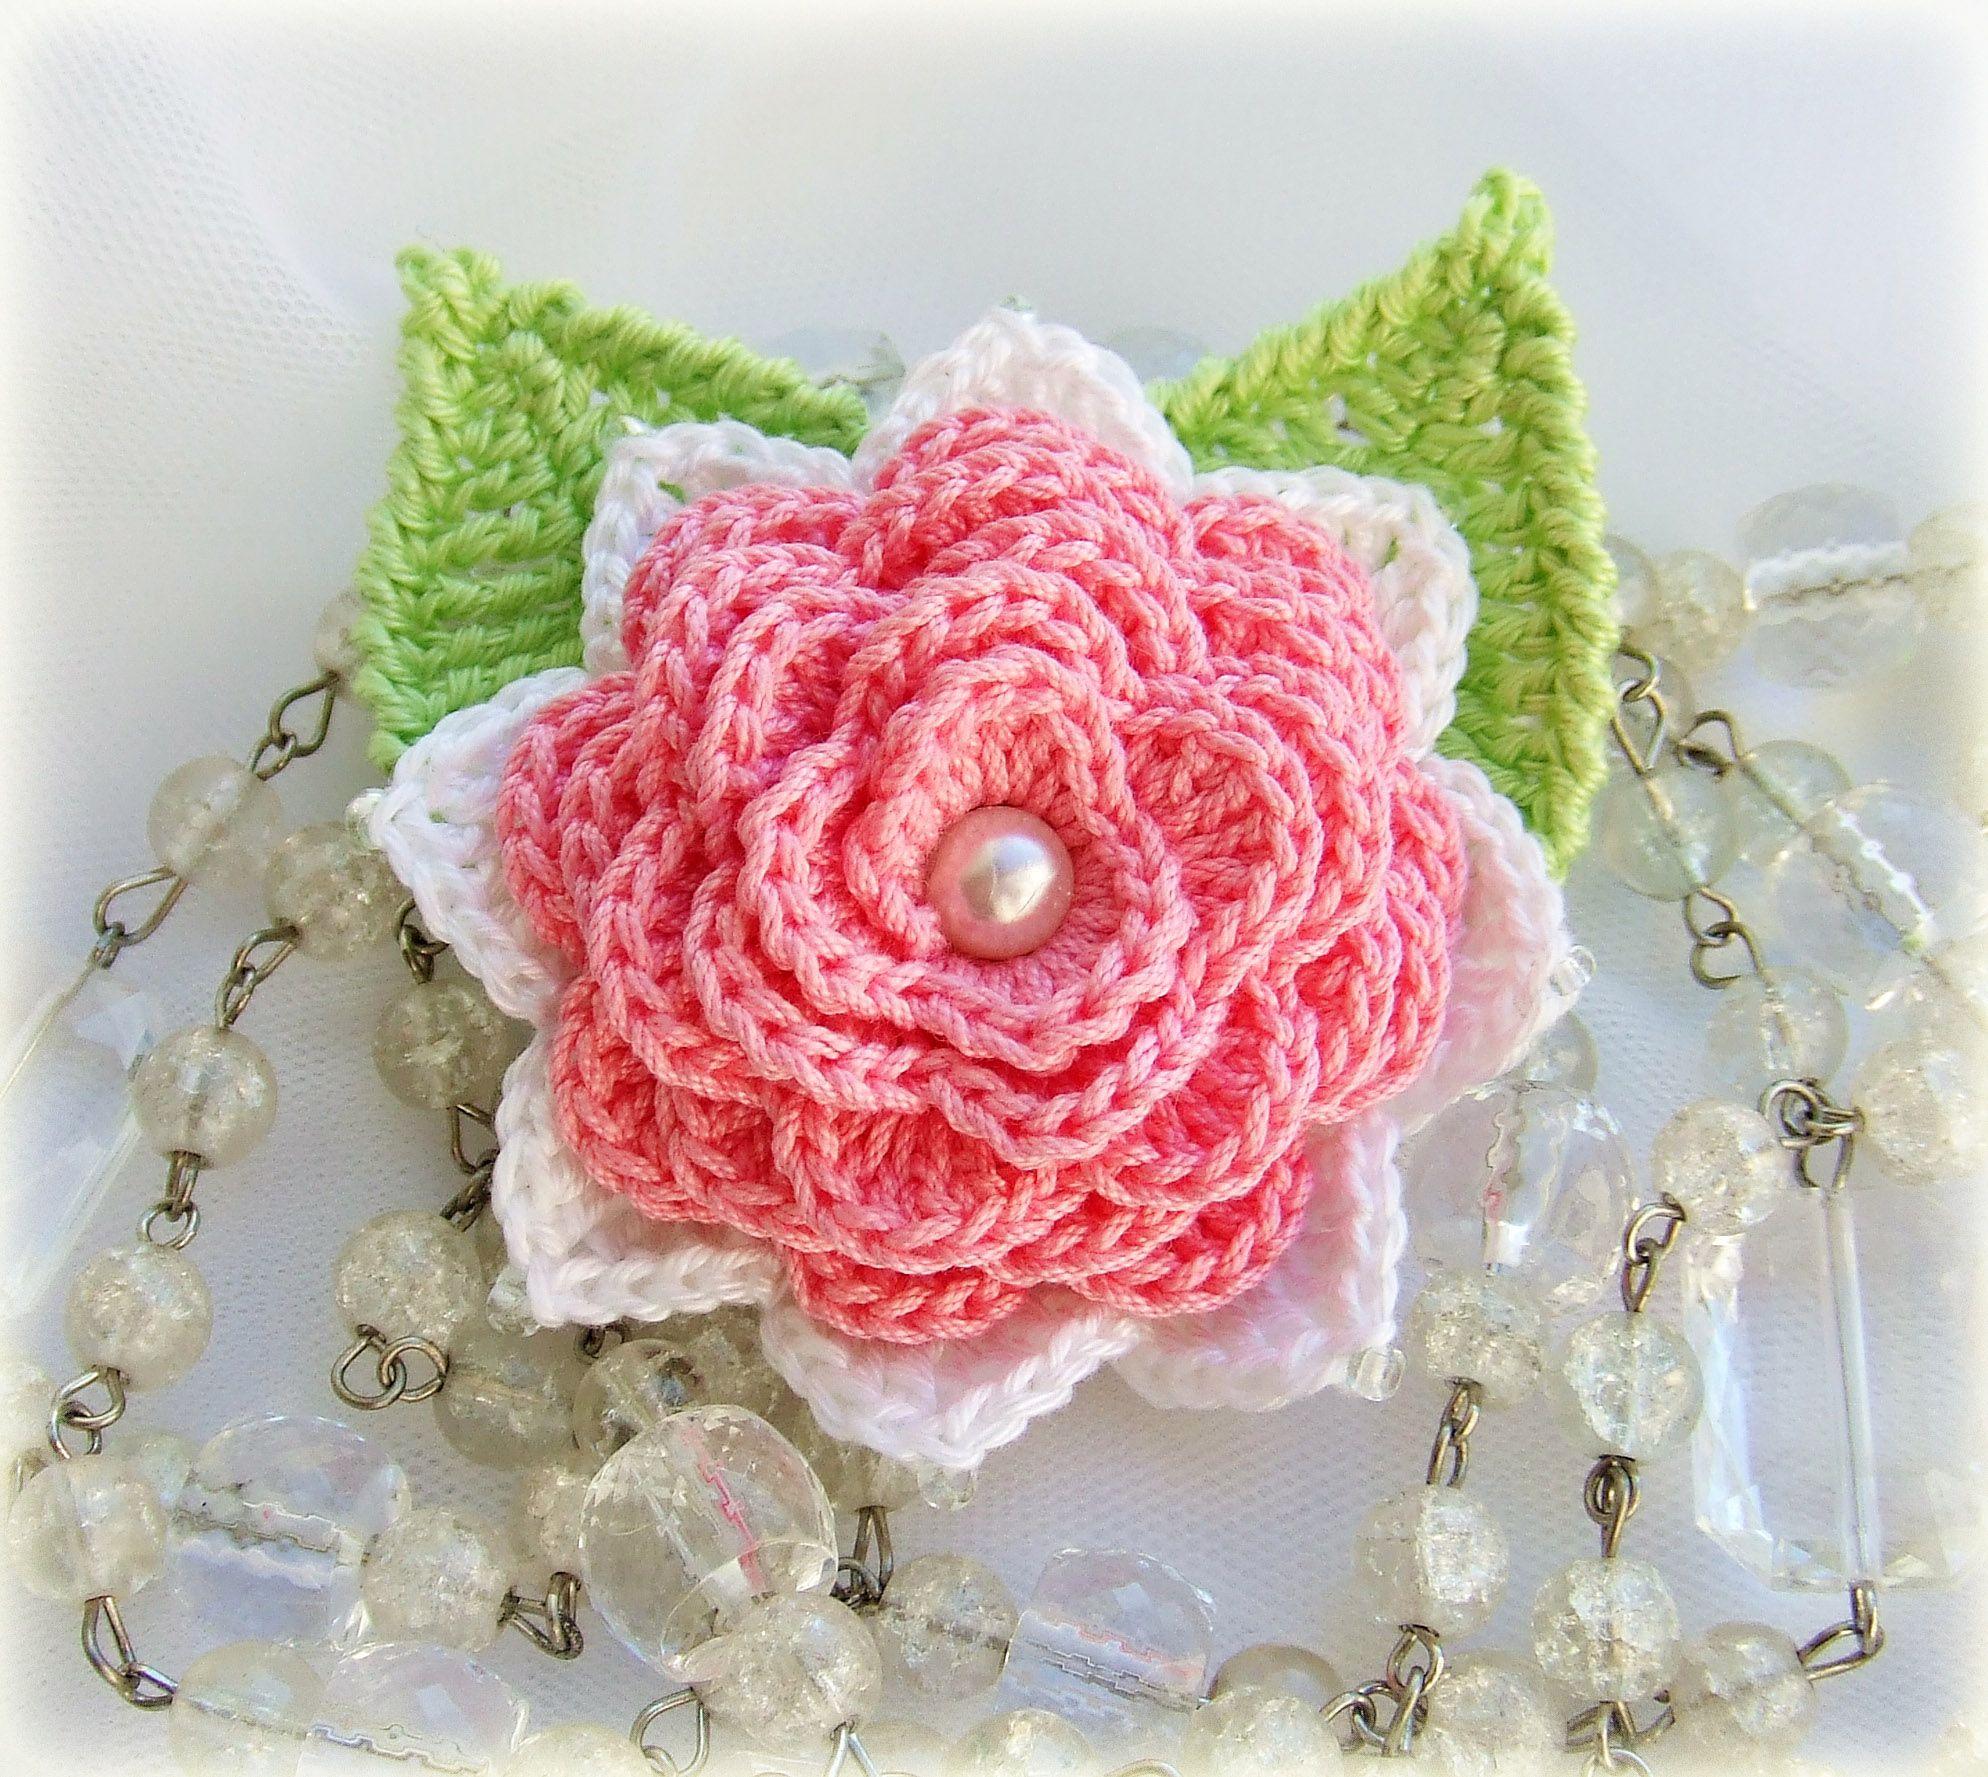 брошь-цветок 100% вязаная брошь хлопок розовый